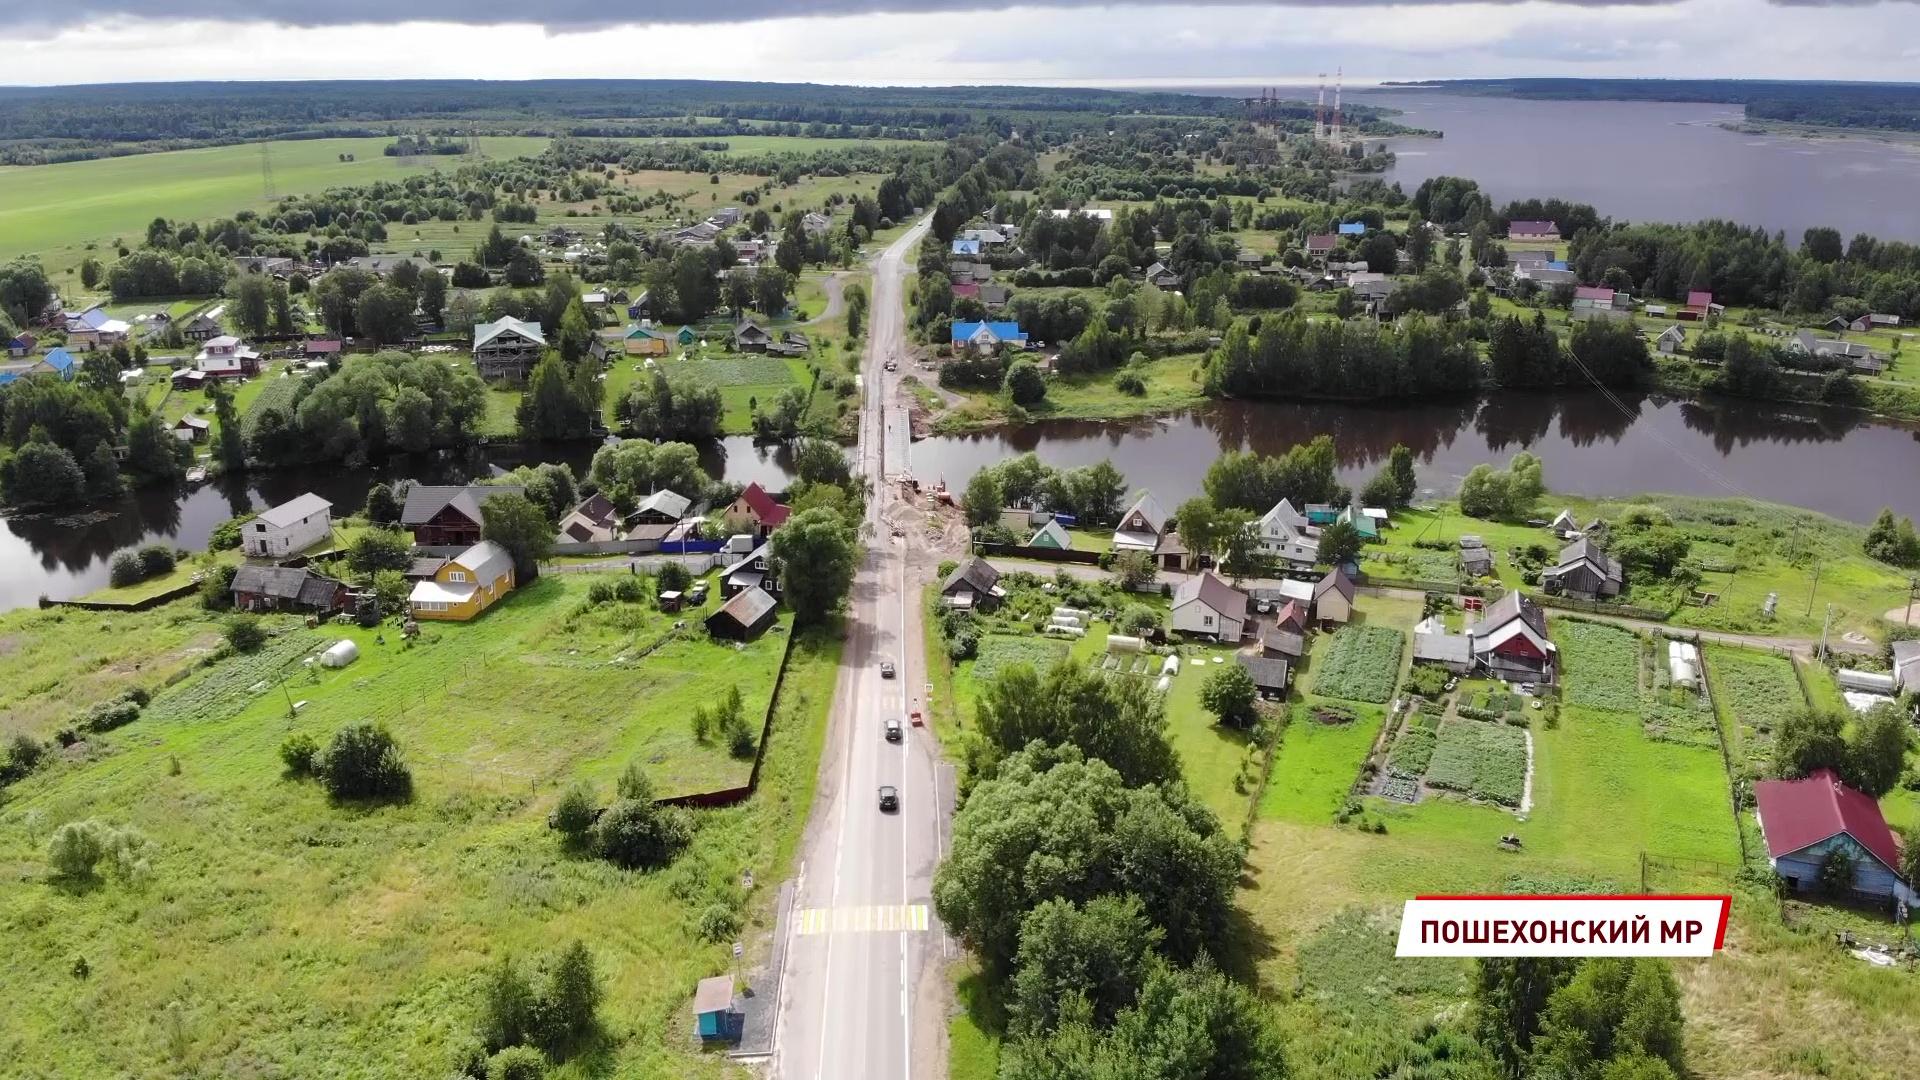 В Пошехонском районе начали капитально ремонтировать мост через реку Ветху